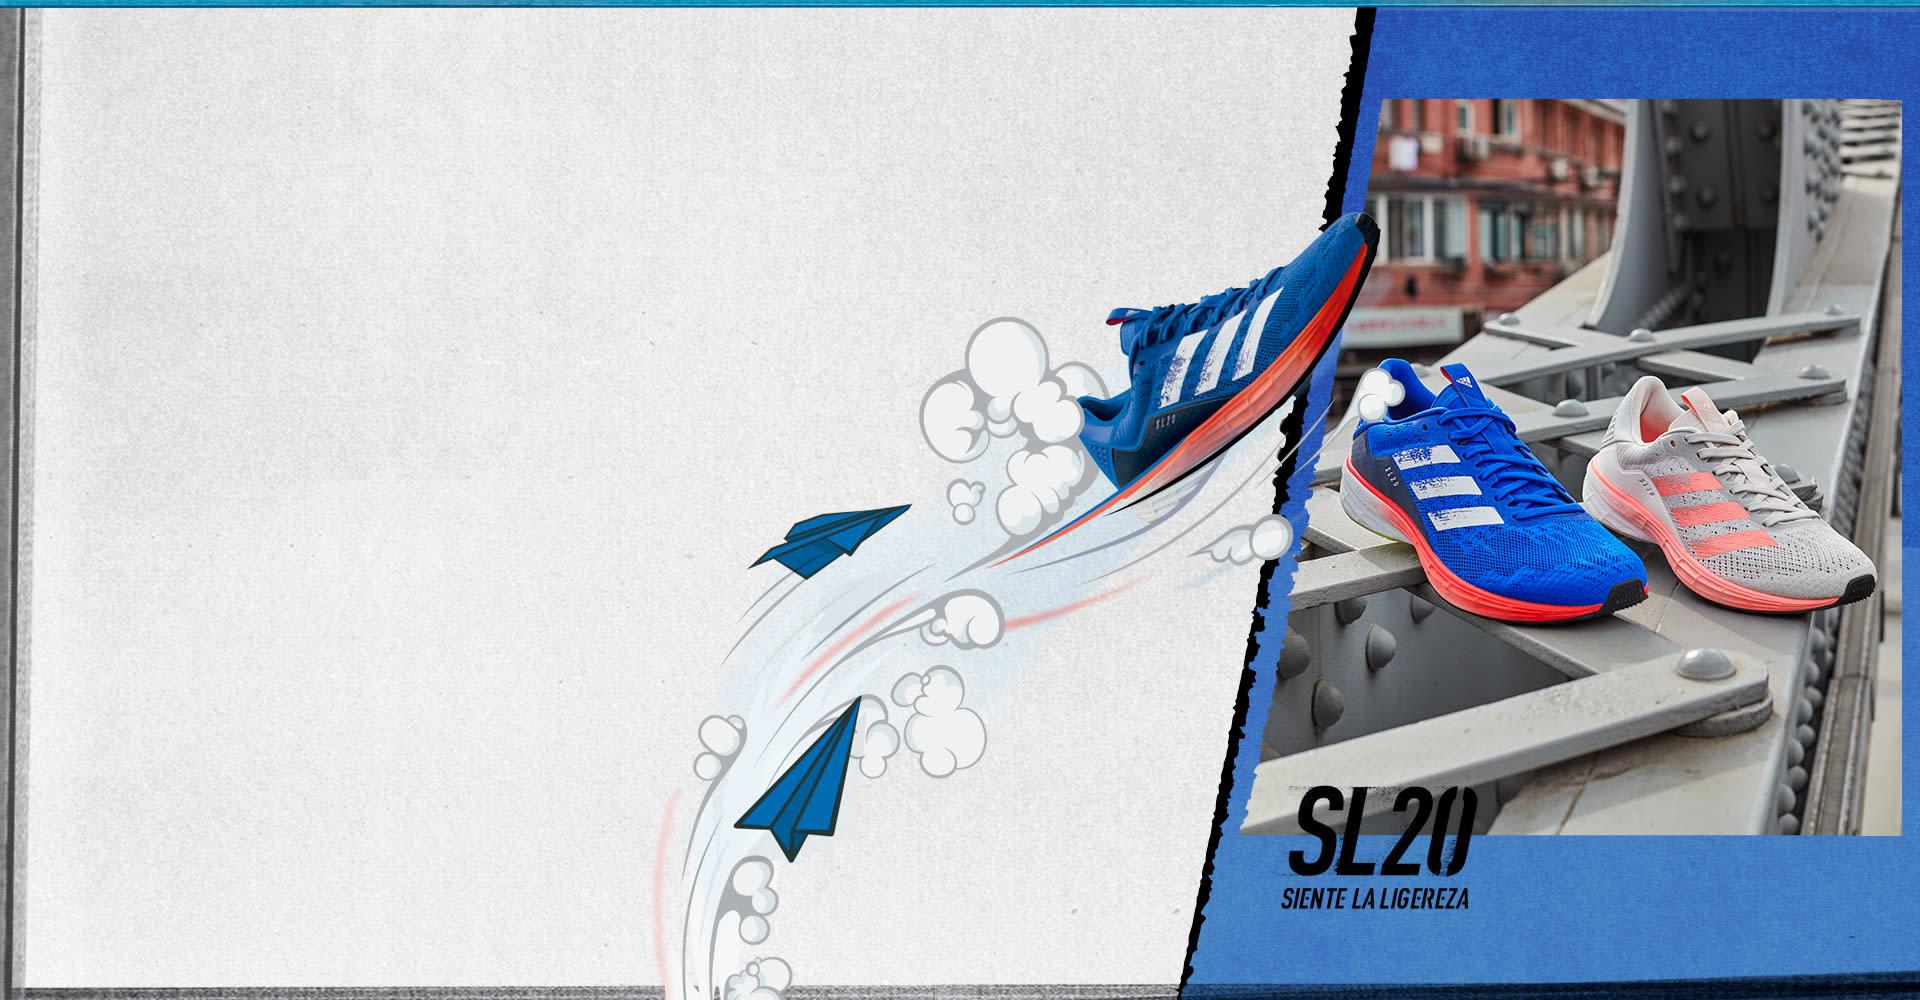 Mount Bank mucho Medicina  adidas Chile Tienda oficial | Zapatillas y ropa deportiva